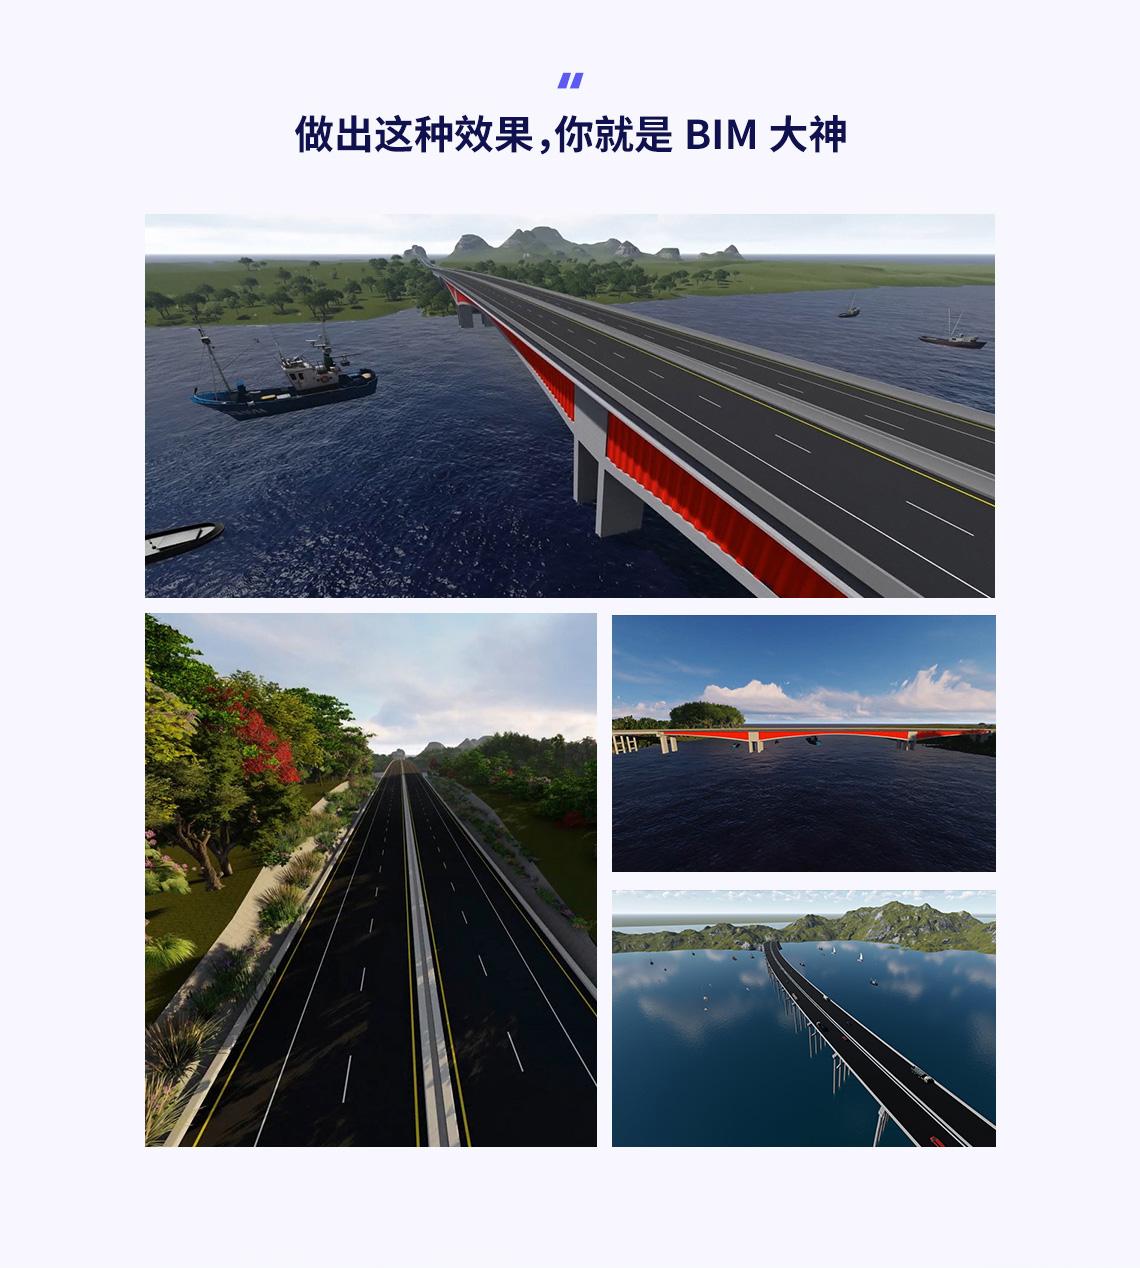 通过60天的学习,你可以独立做路桥BIM项目建模、项目成果汇报展示,能够清楚的知道路桥BIM项目运用到施工的全过程管理的能力,能够担当路桥BIM项目负责人的岗位职责。